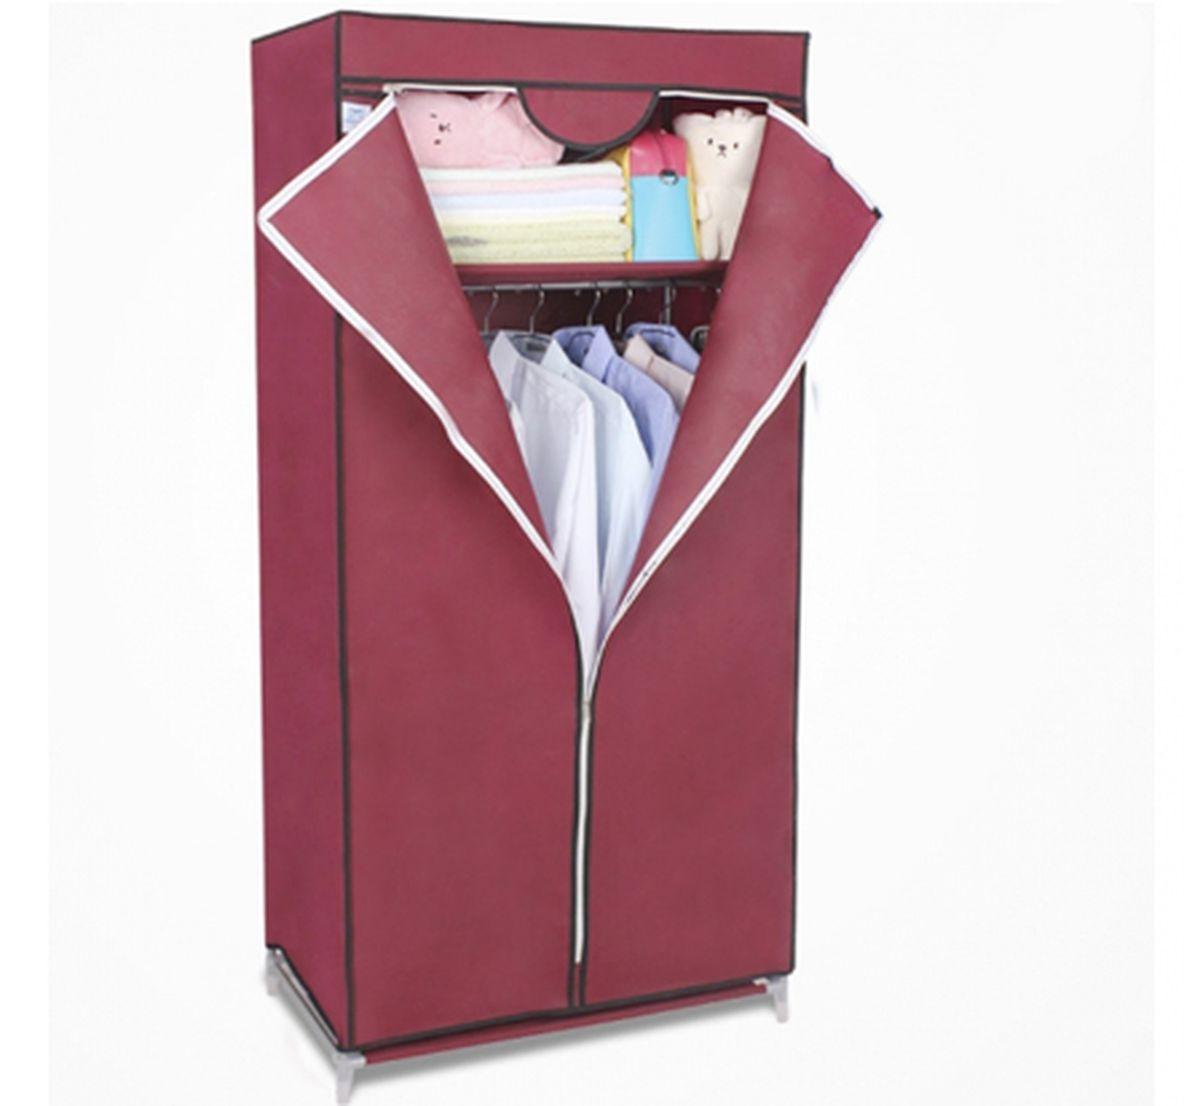 Шкаф Homsu Кармэн, цвет: бордовый, 68 x 45 x 155 смHOM-97Шкаф Homsu Кармэн выполнен из текстиля. Сборная конструкция такого шкафа состоит из металлических деталей каркаса, обтянутых сверху прочной и легкой тканью. Этот шкаф предназначен в создании полноценного порядка. Изделие имеет удобную полку для складывания одежды 65 х 45 см и перекладину той же ширины для подвешивания курток, пальто, рубашек, свитеров и других вещей. Кроме своей большой практичной пользы, данный мебельный предмет также сможет очень выгодно дополнить имеющийся интерьер в помещении. Верхняя тканевая обивка, при этом, всегда может быть легко и быстро снята, если ее необходимо будет постирать или заменить.